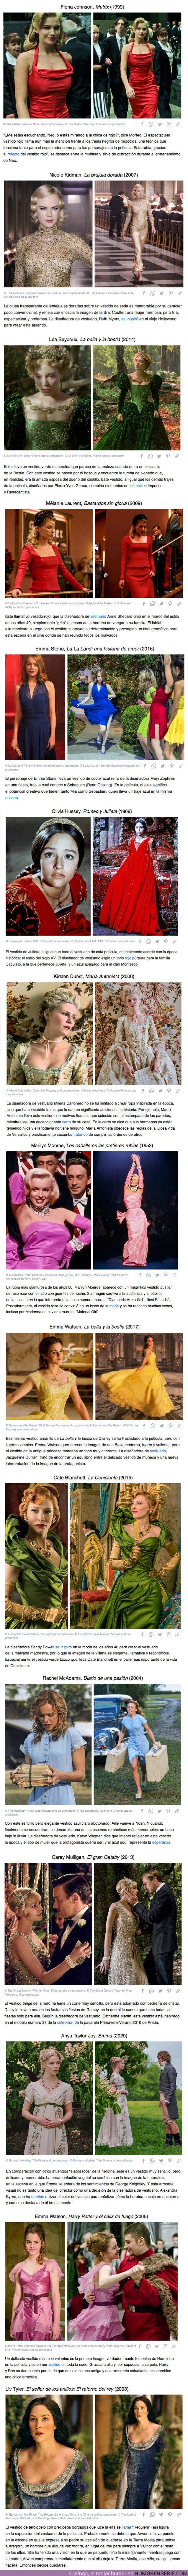 73000 - GALERÍA: 15 Espléndidos vestidos de película que casi eclipsan a las propias actrices